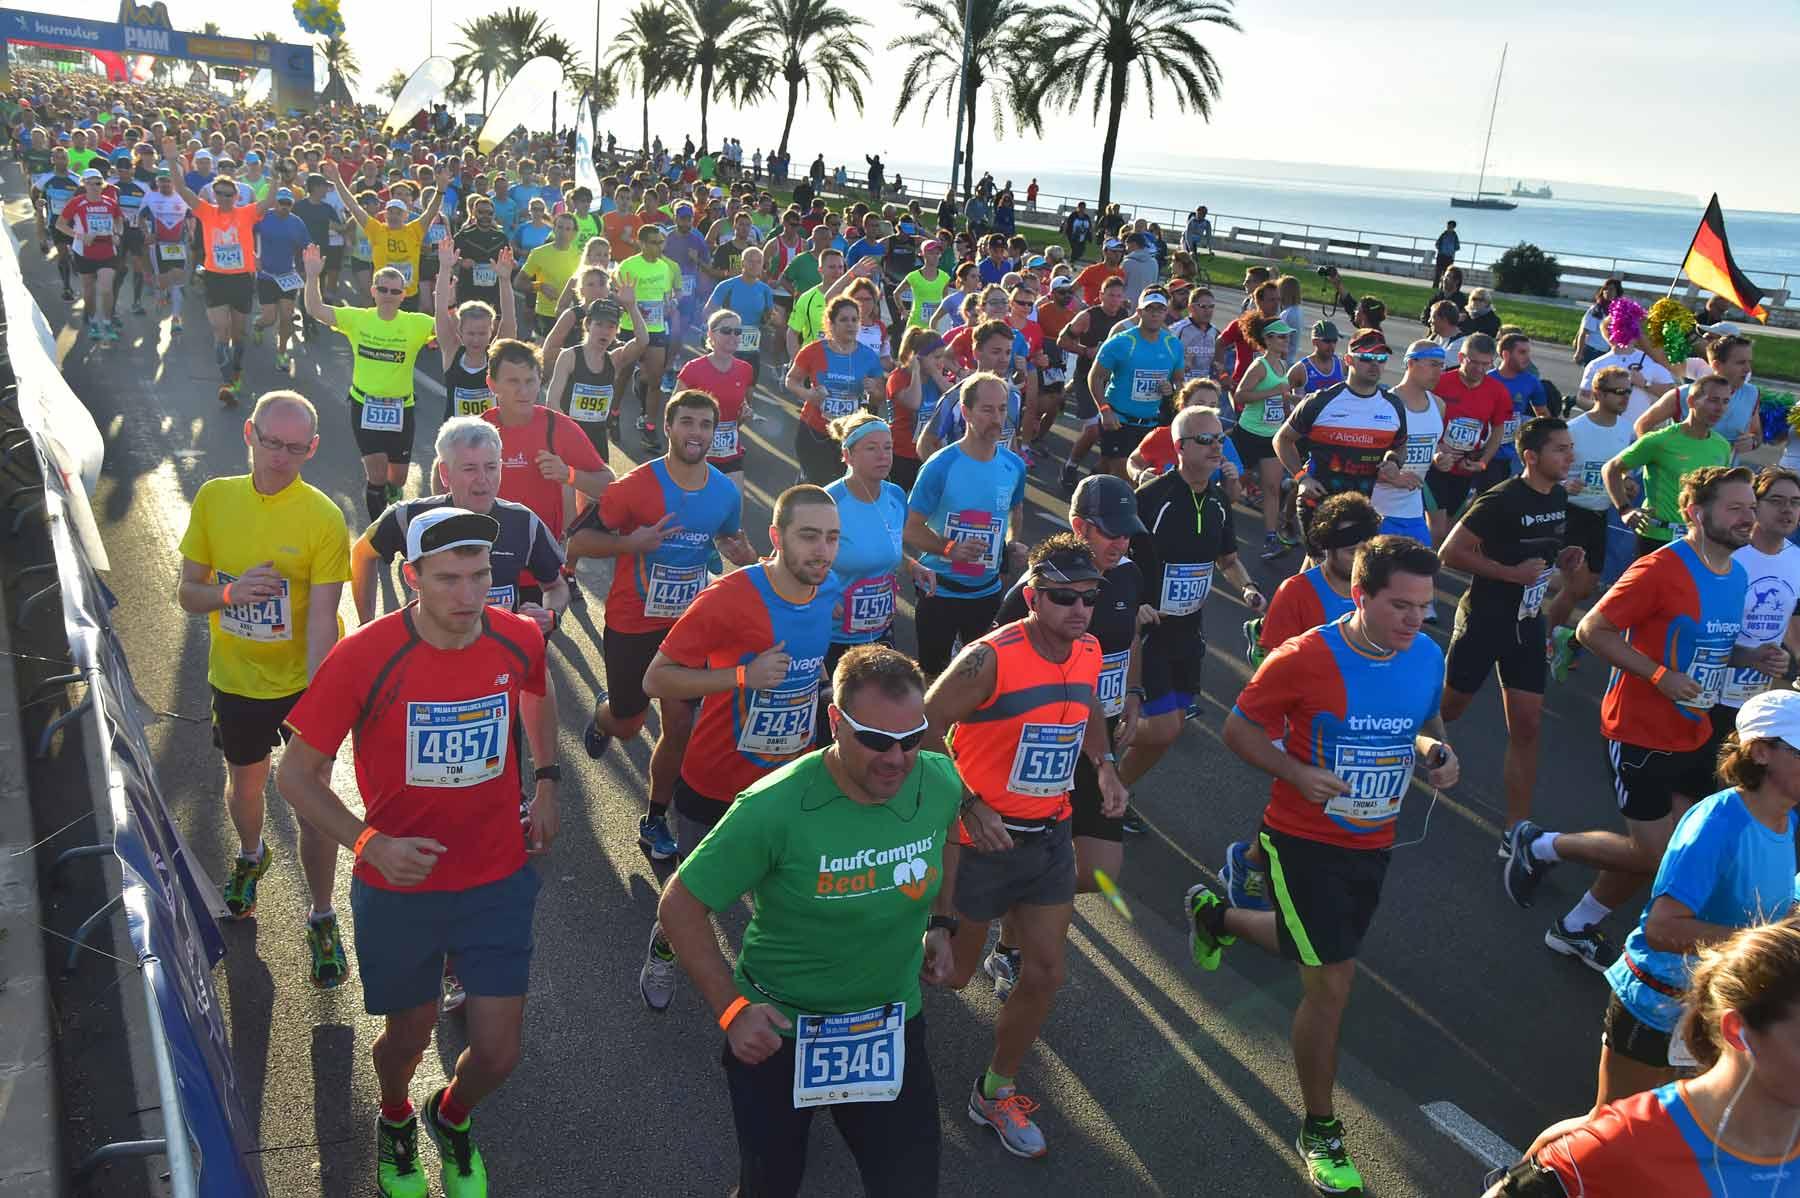 Viajando para correr: minha 1ª meia-maratona